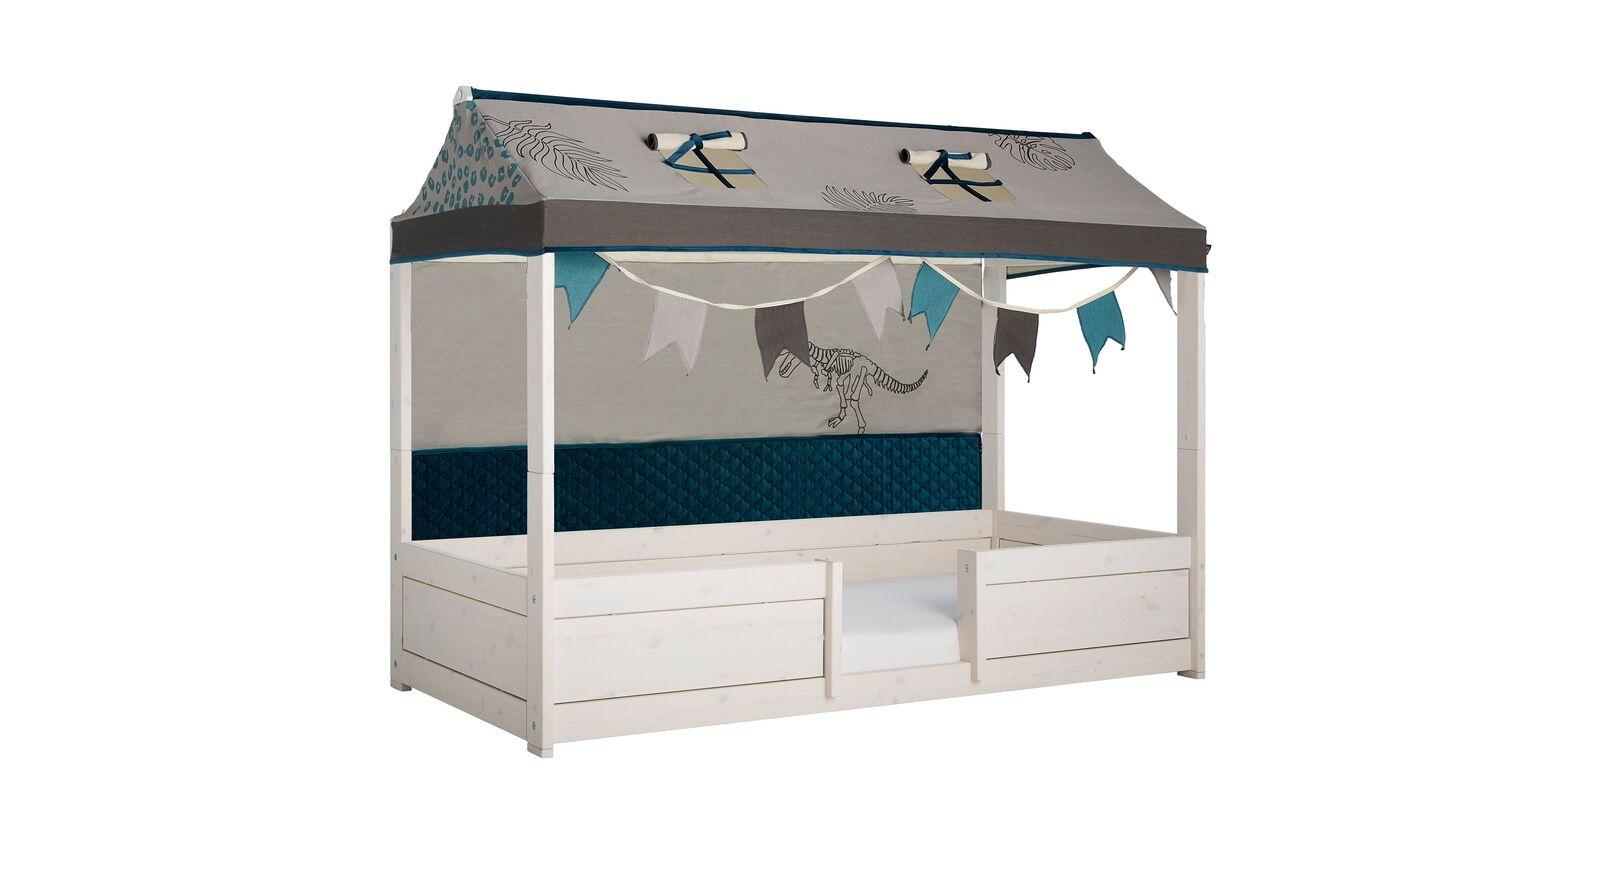 Modernes LIFETIME Kinderbett 4-in-1 Dino mit Absturzsicherung